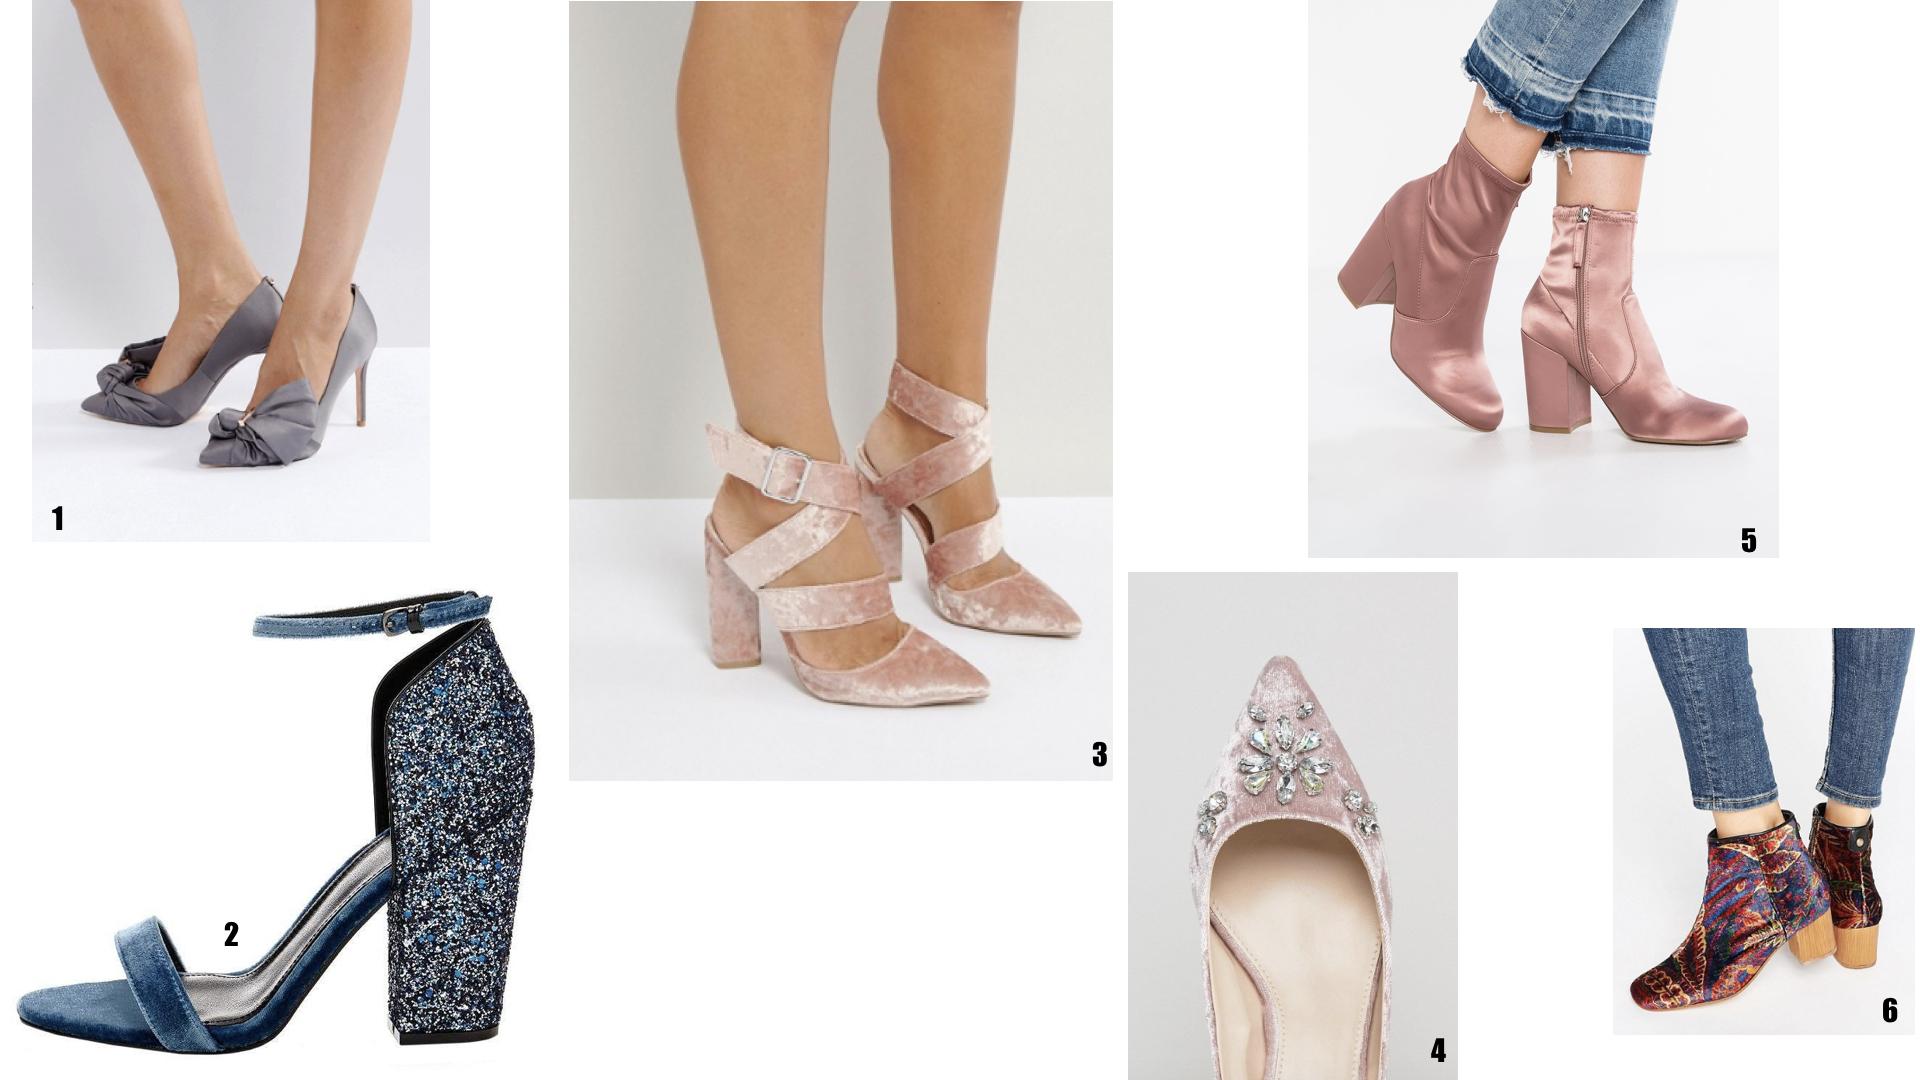 Il mio consiglio è quello di usare questi materiali con moderazione – non  c è niente di peggio che un paio di scarpe rovinate o sporche – e nei mesi  ... 3328eeeb063